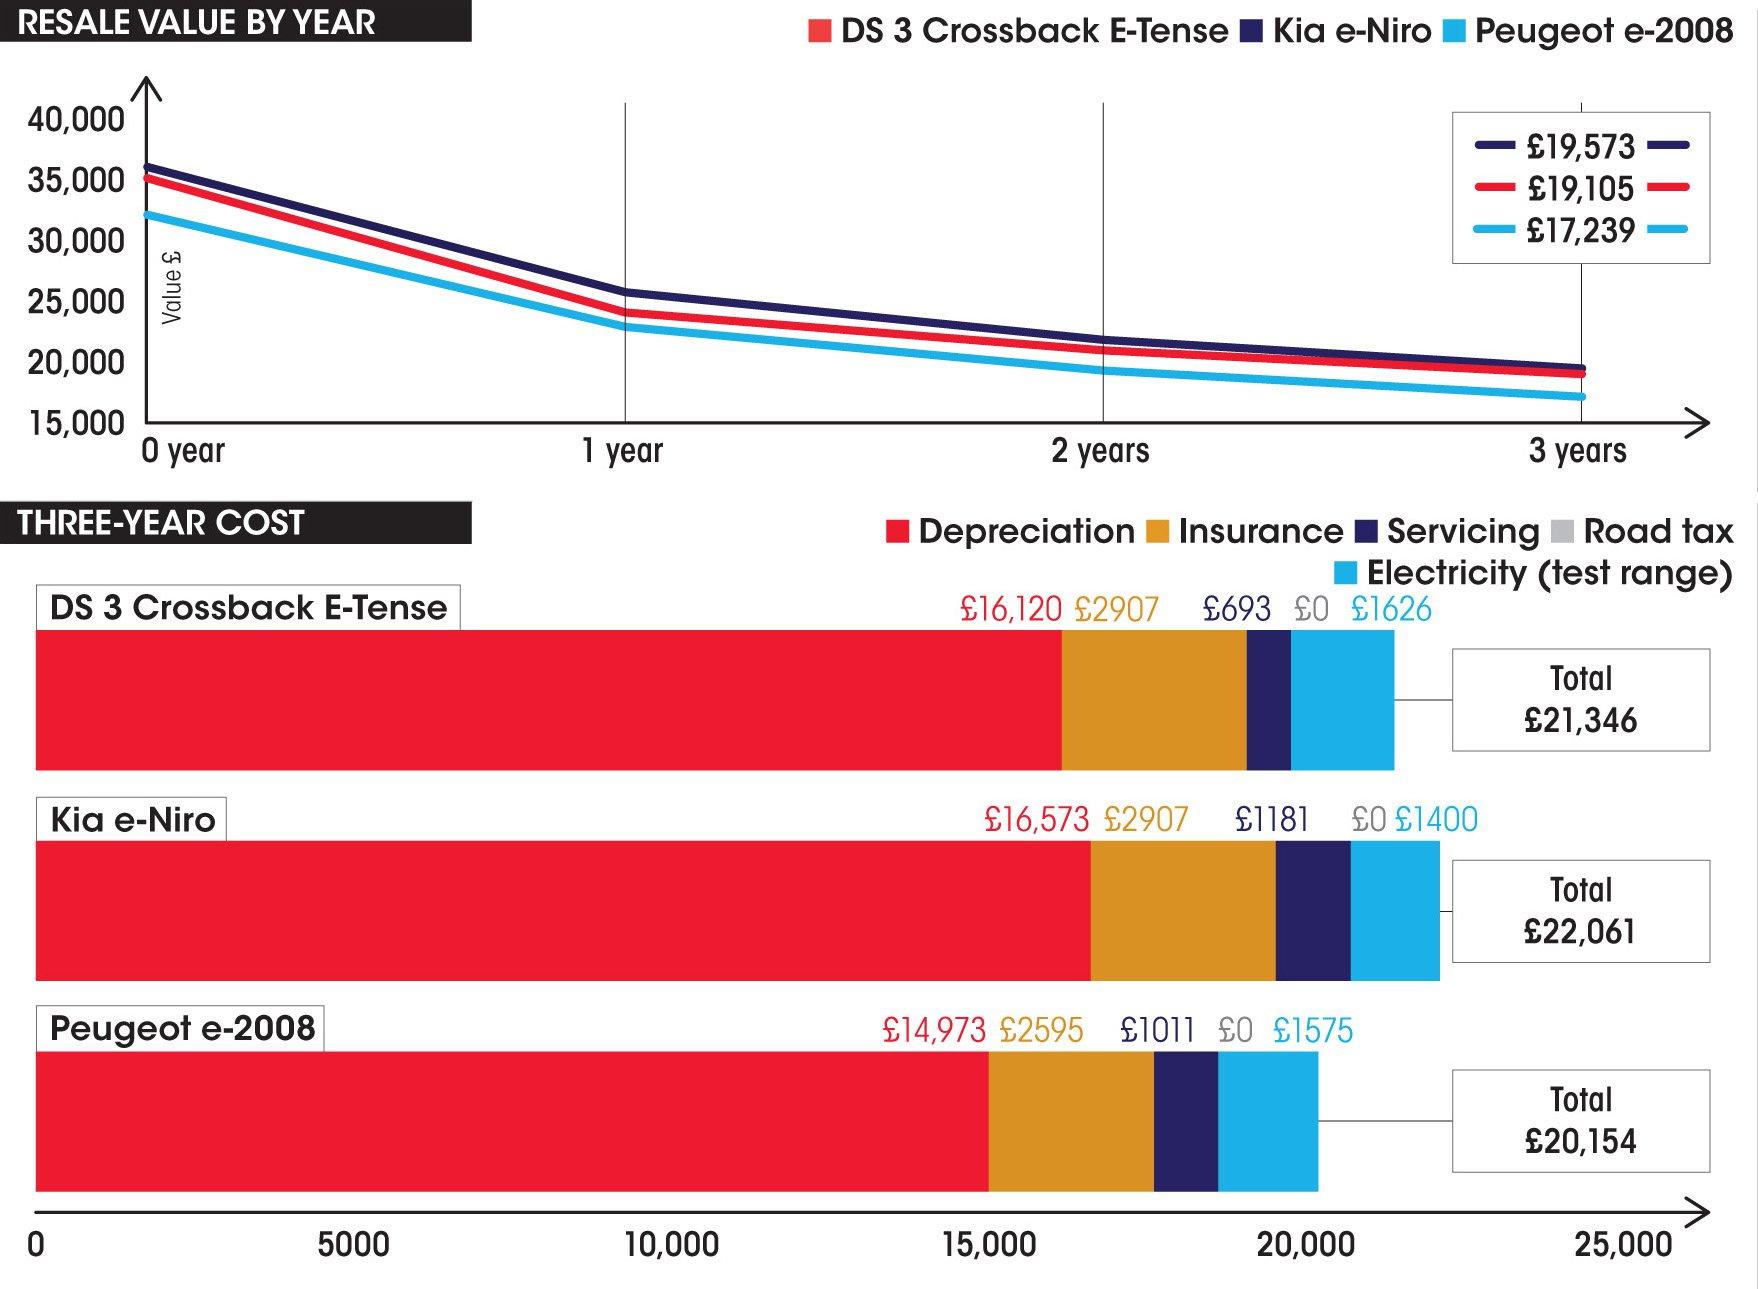 DS 3 Crossback E-Tense vs Kia e-Niro vs Peugeot e-2008 costs